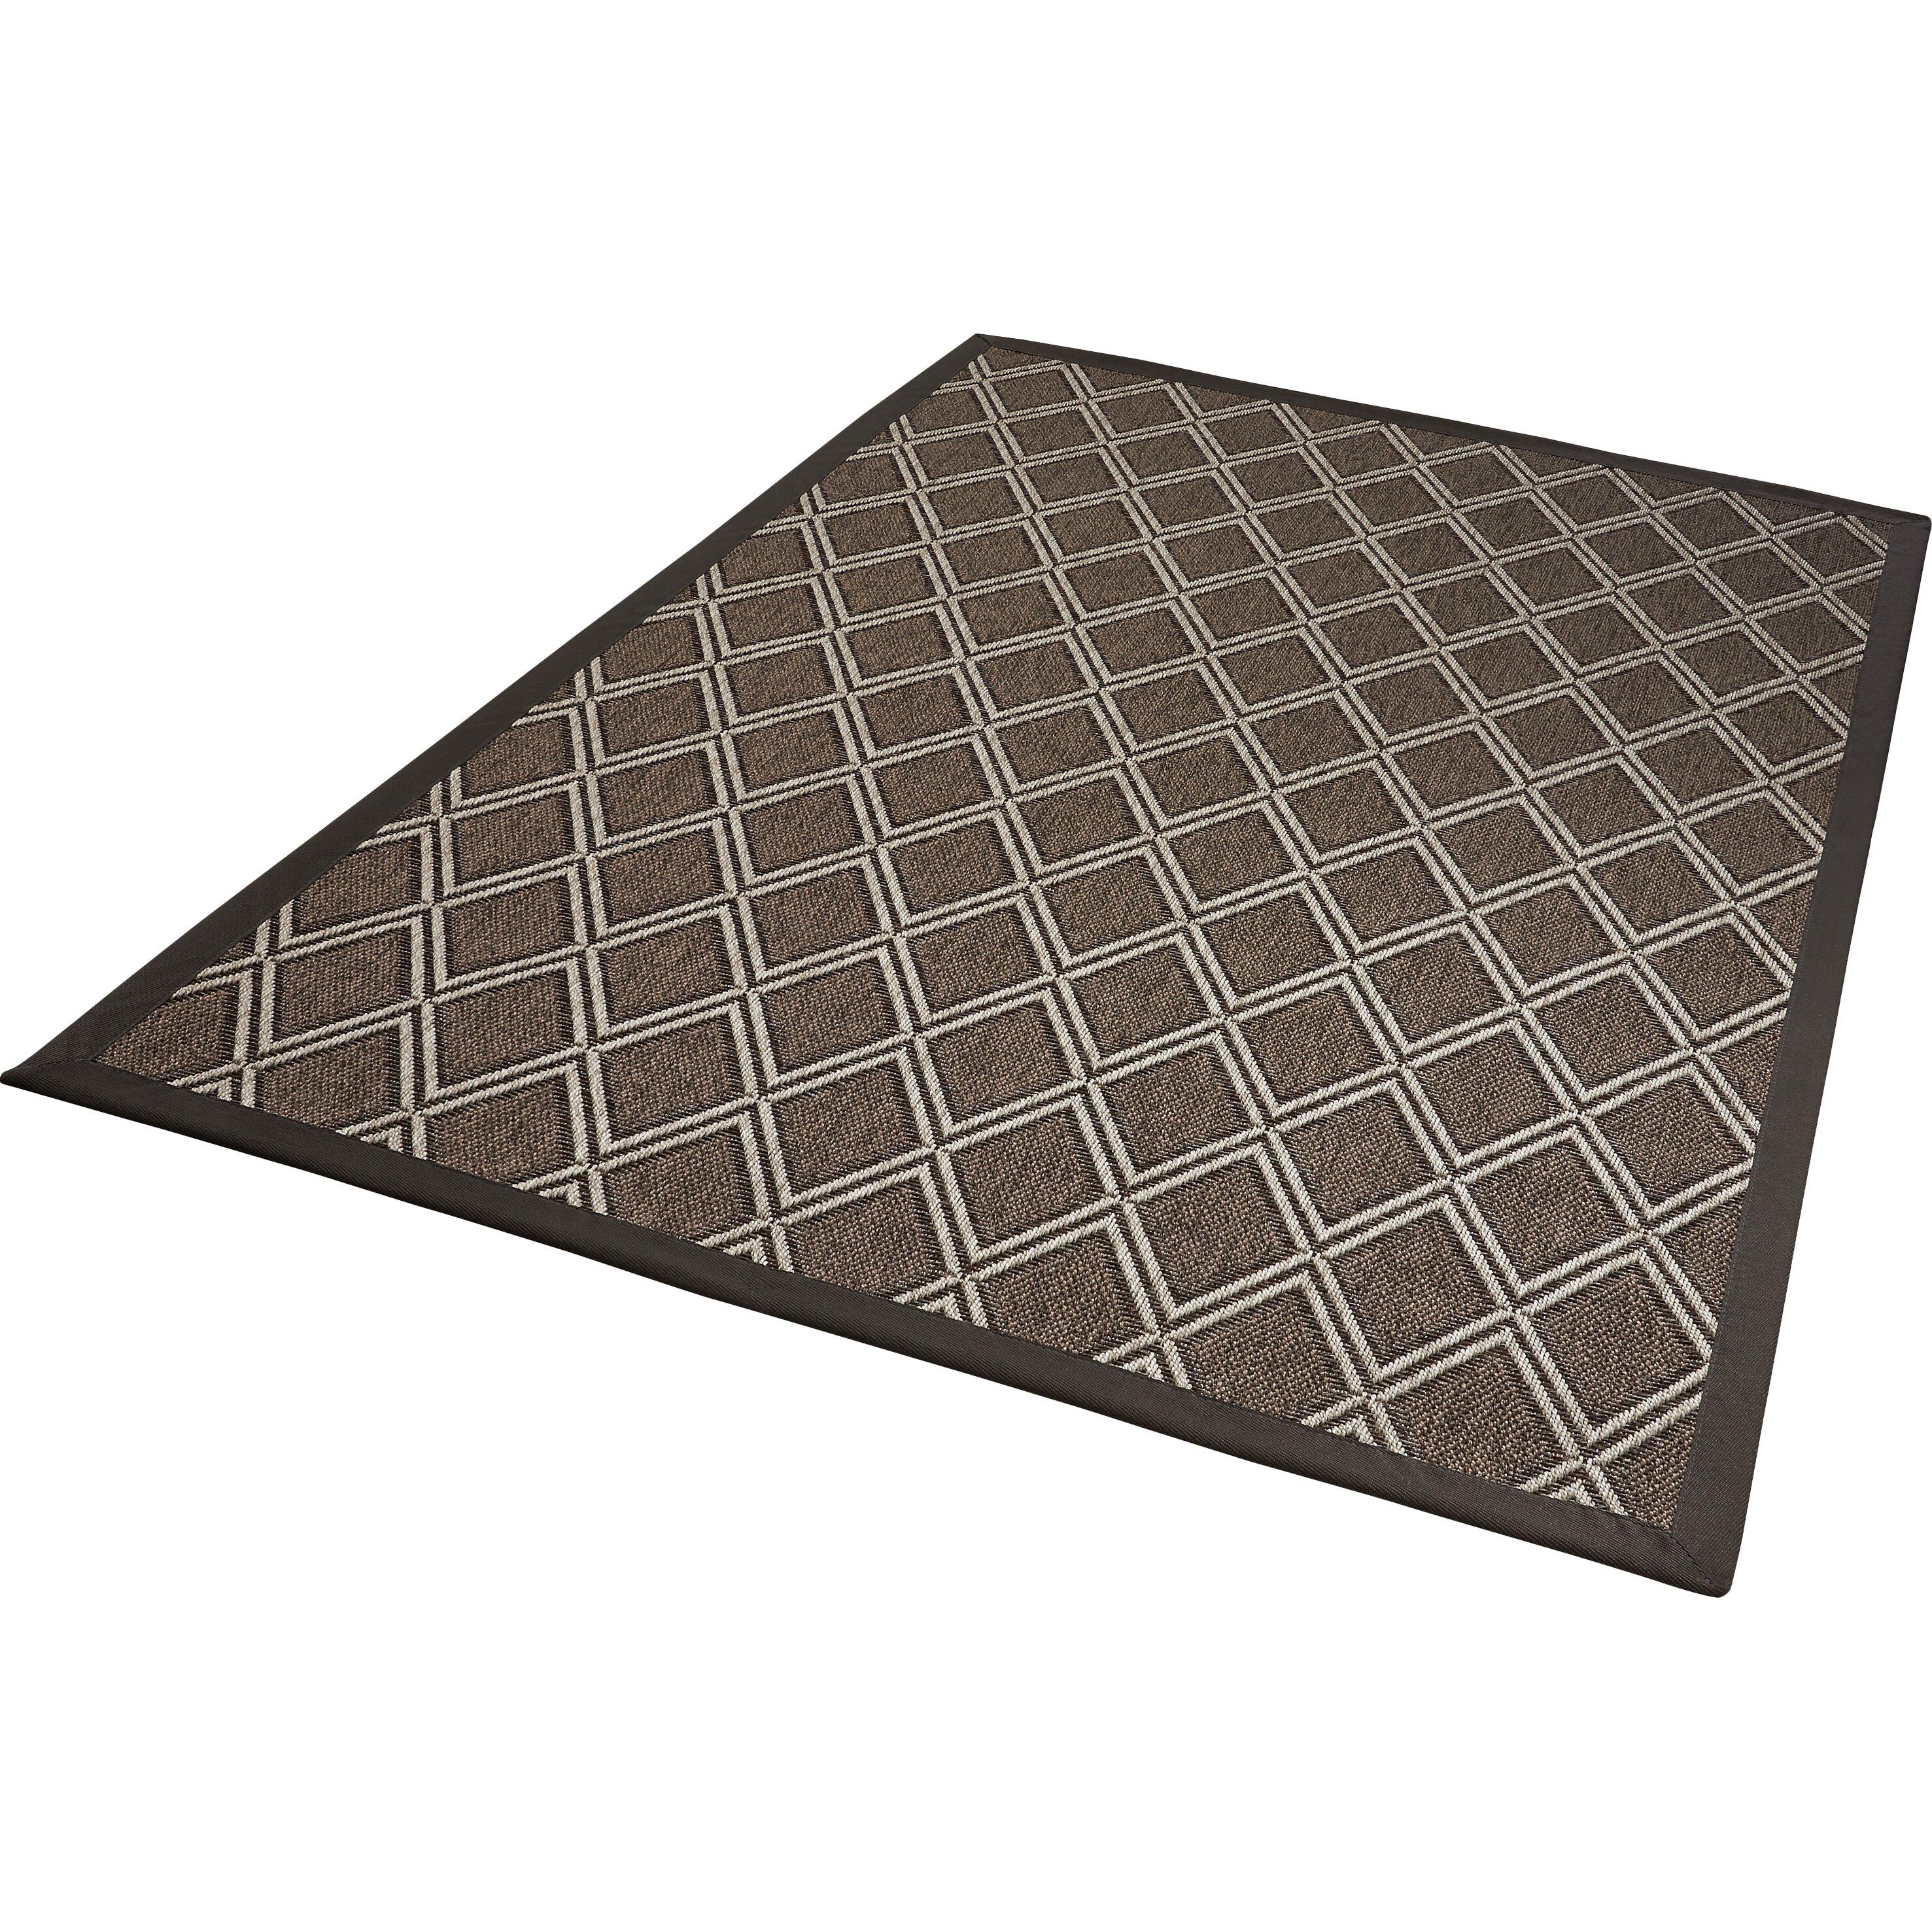 au enteppich naturino rhombus a2 in anthrazit von manufacturer. Black Bedroom Furniture Sets. Home Design Ideas